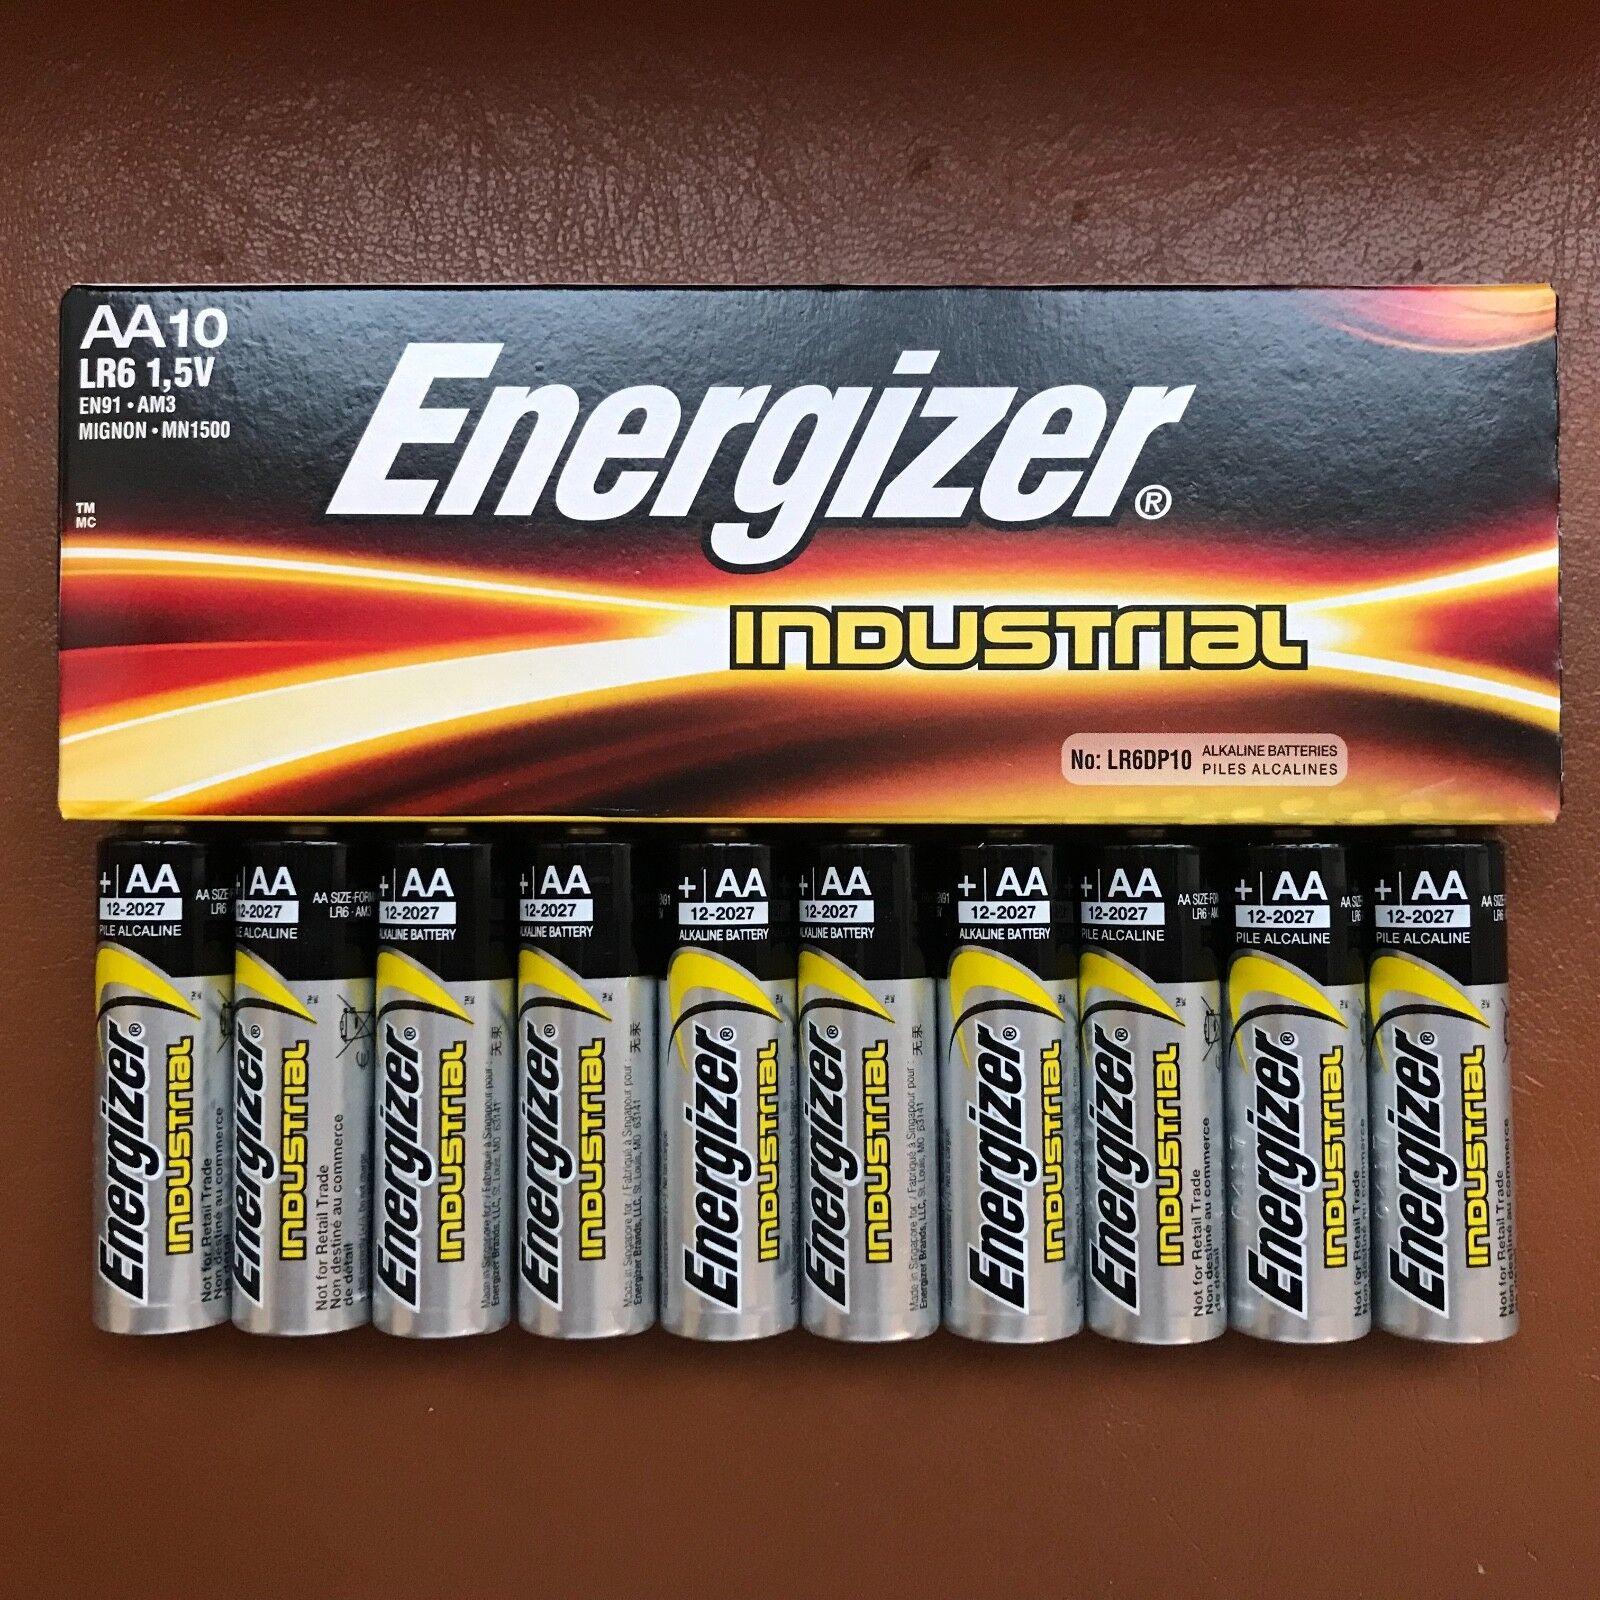 10 X Energizer LR6 Industriell Aa Batterien Alkalisch Langlebig 1.5 V Batterie